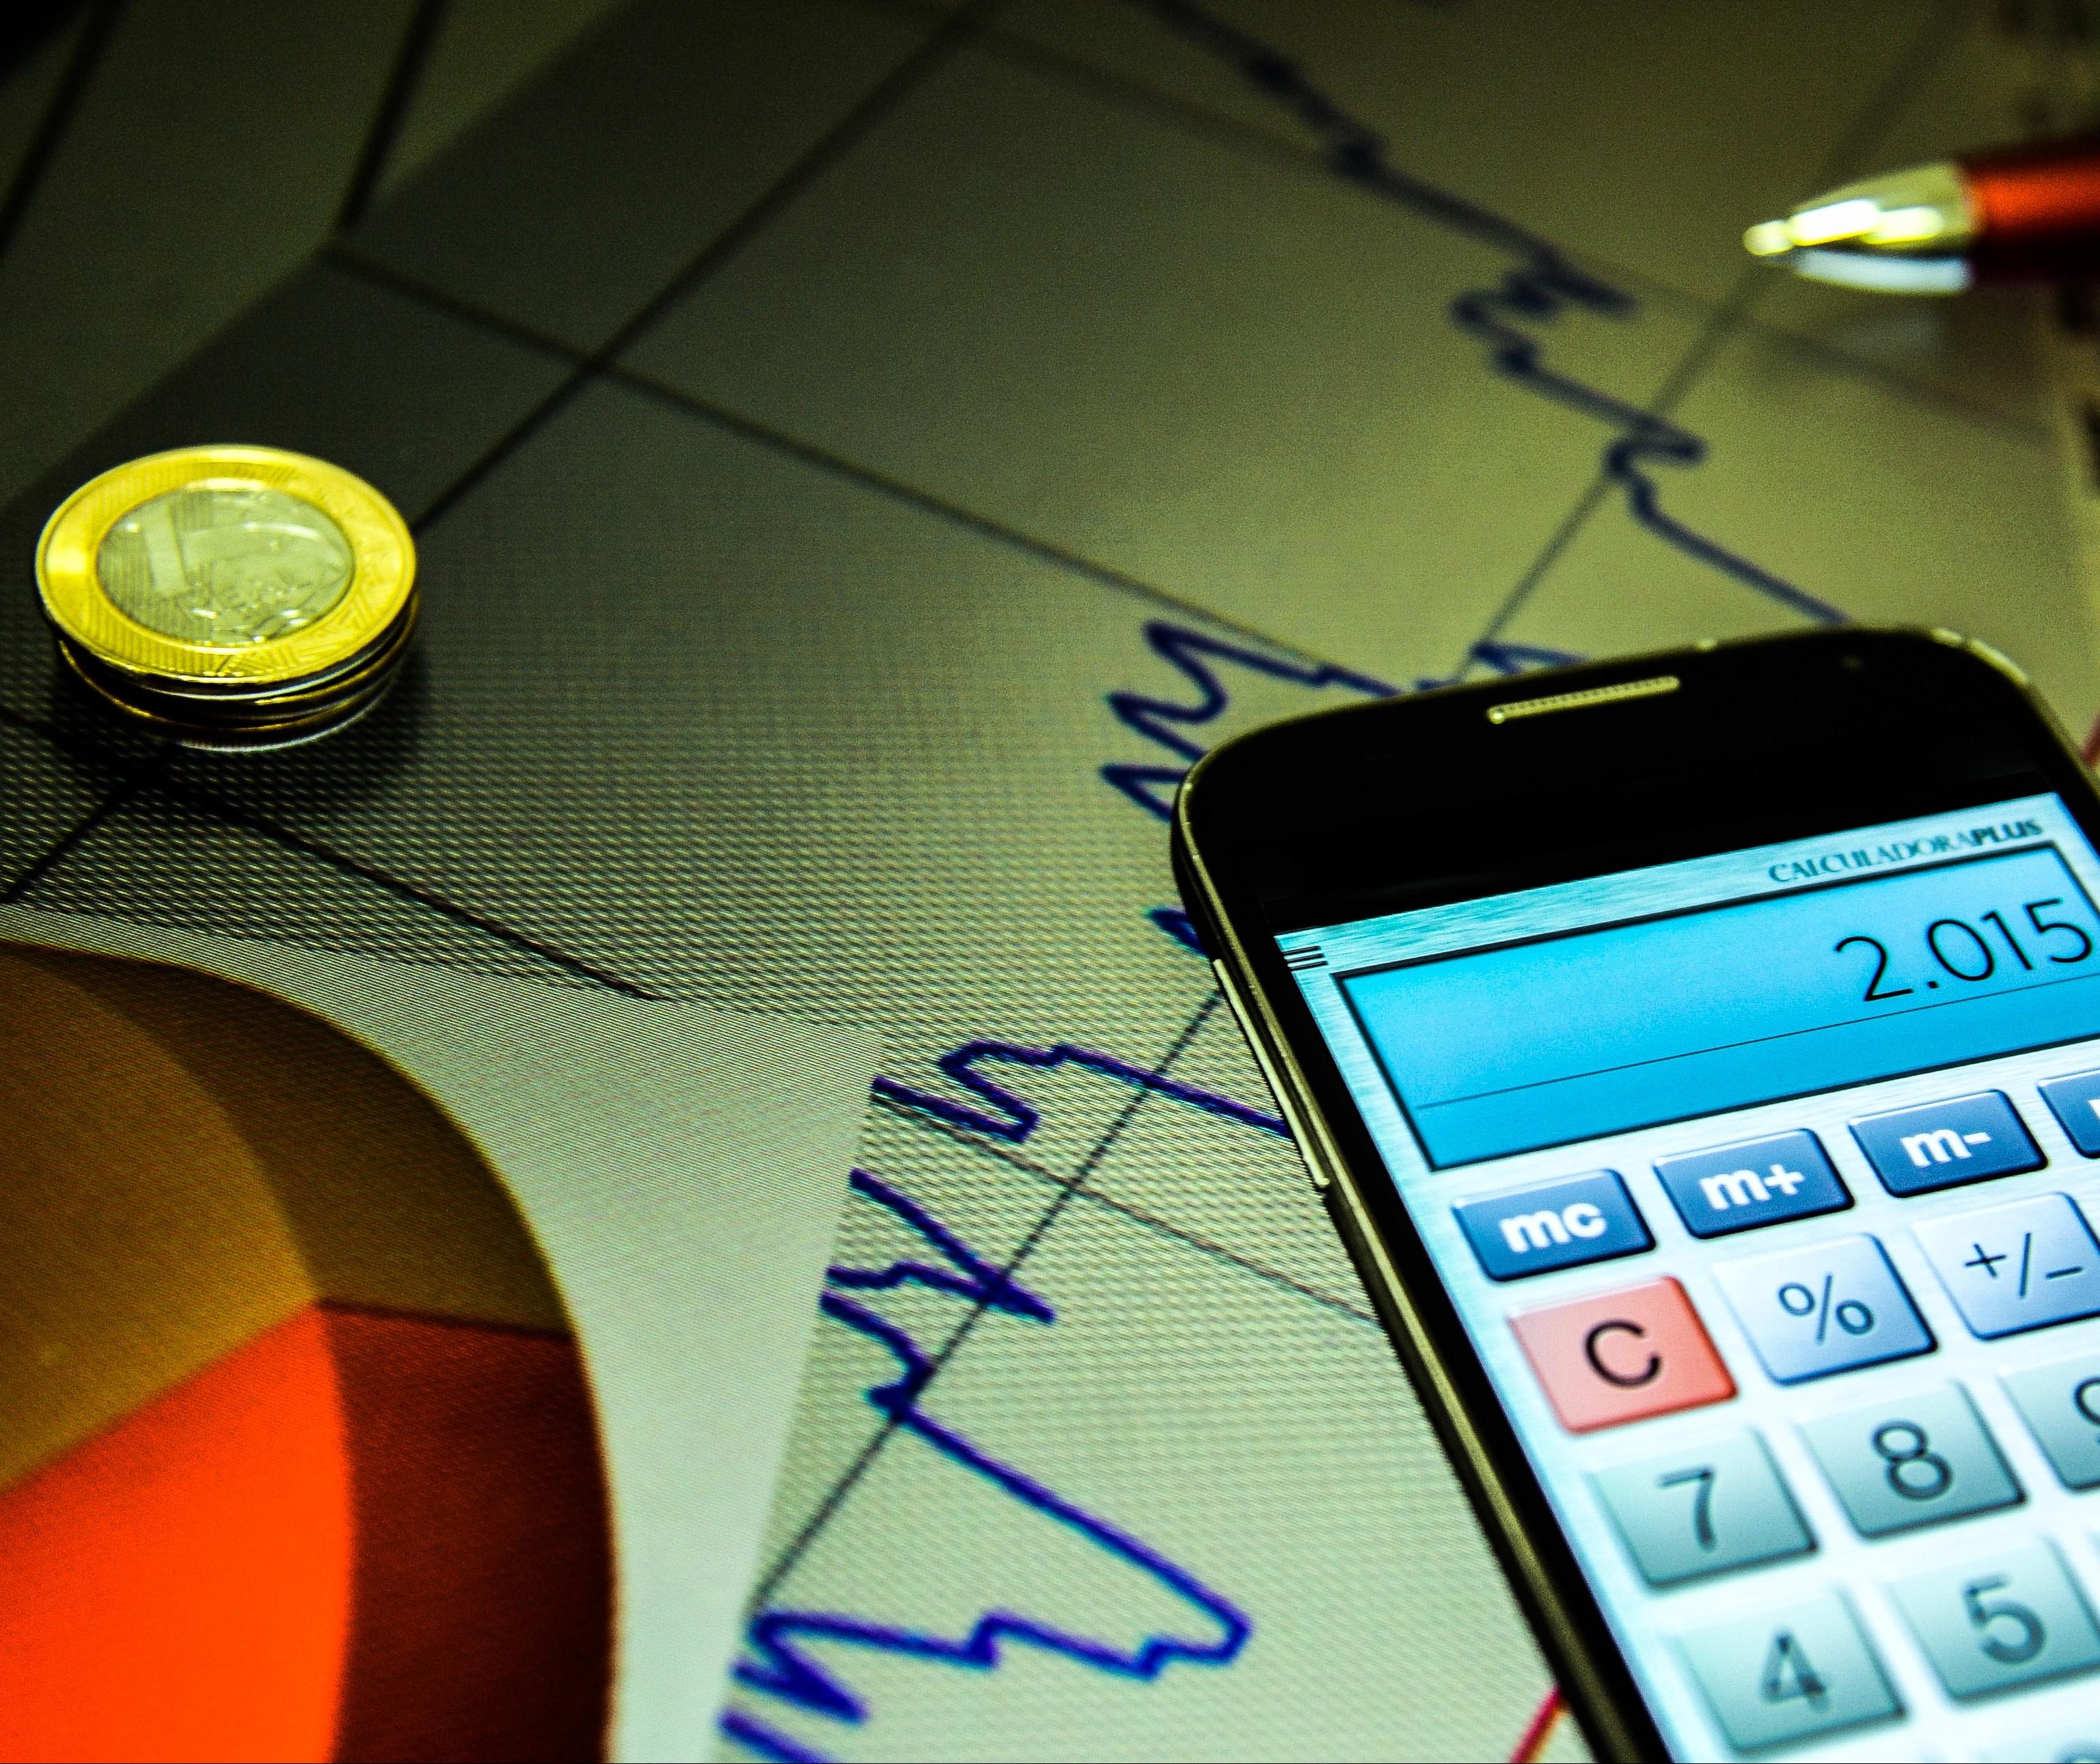 Analistas esperam crescimento de 2,8% no PIB